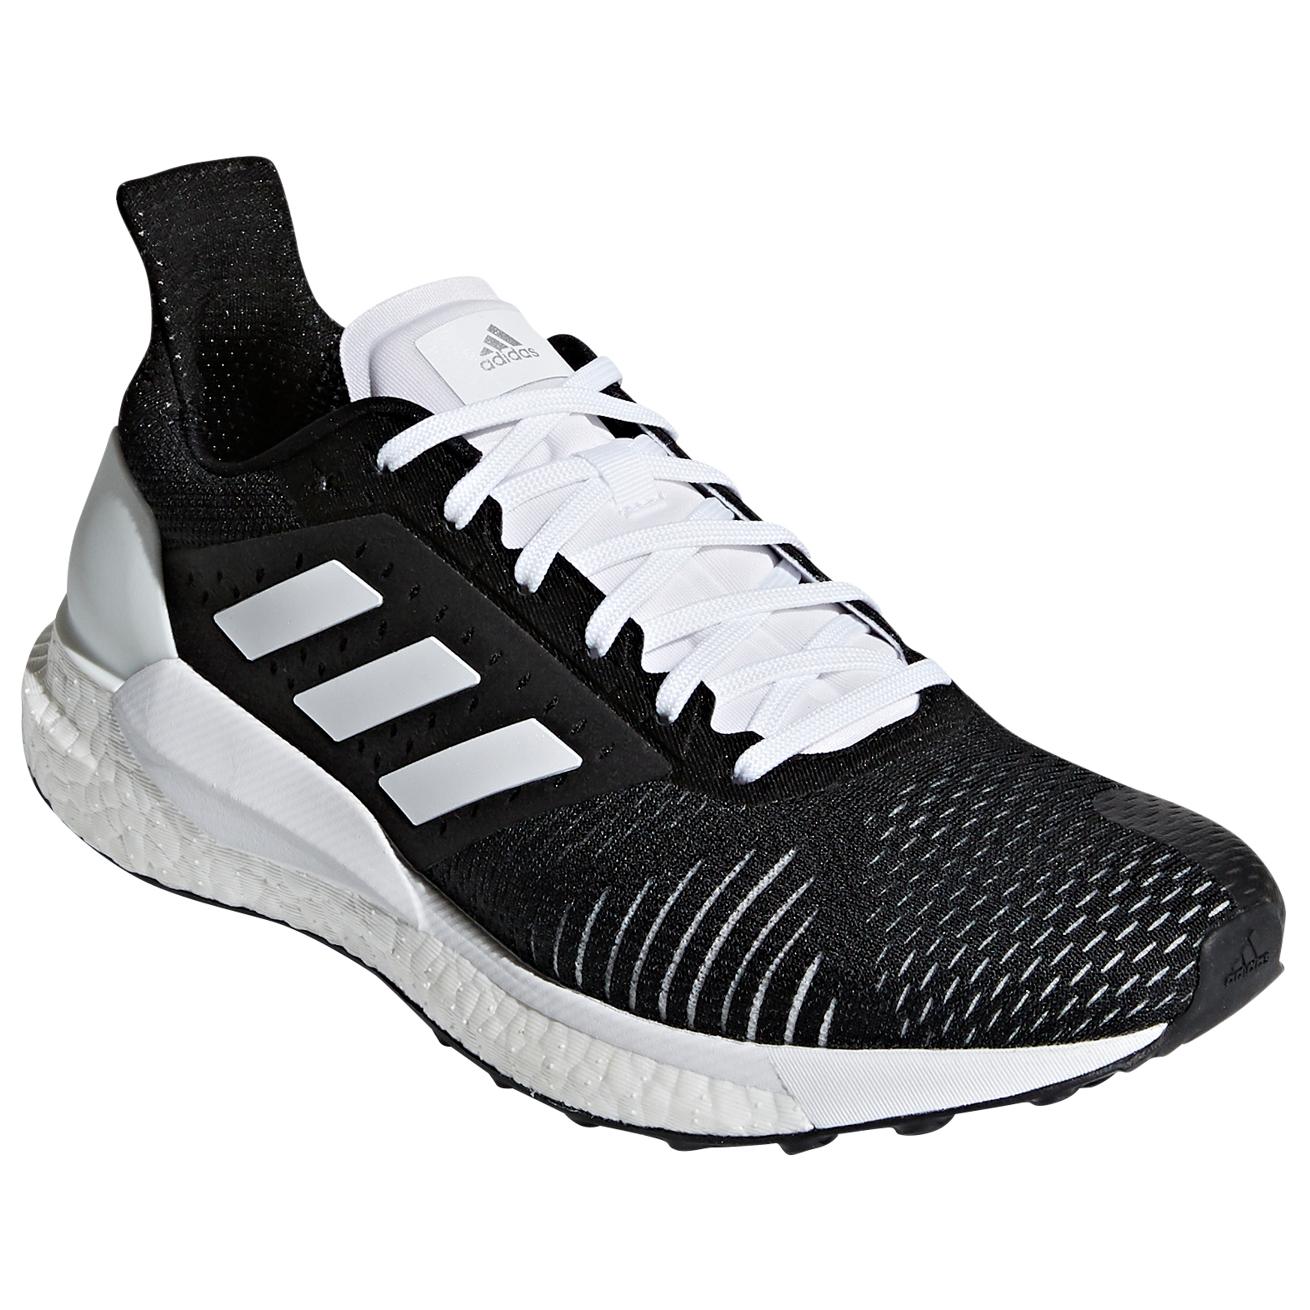 adidas - Women's Solar Glide ST - Scarpe da corsa - Core Black / Core Black  / Ftwr White | 4,5 (UK)